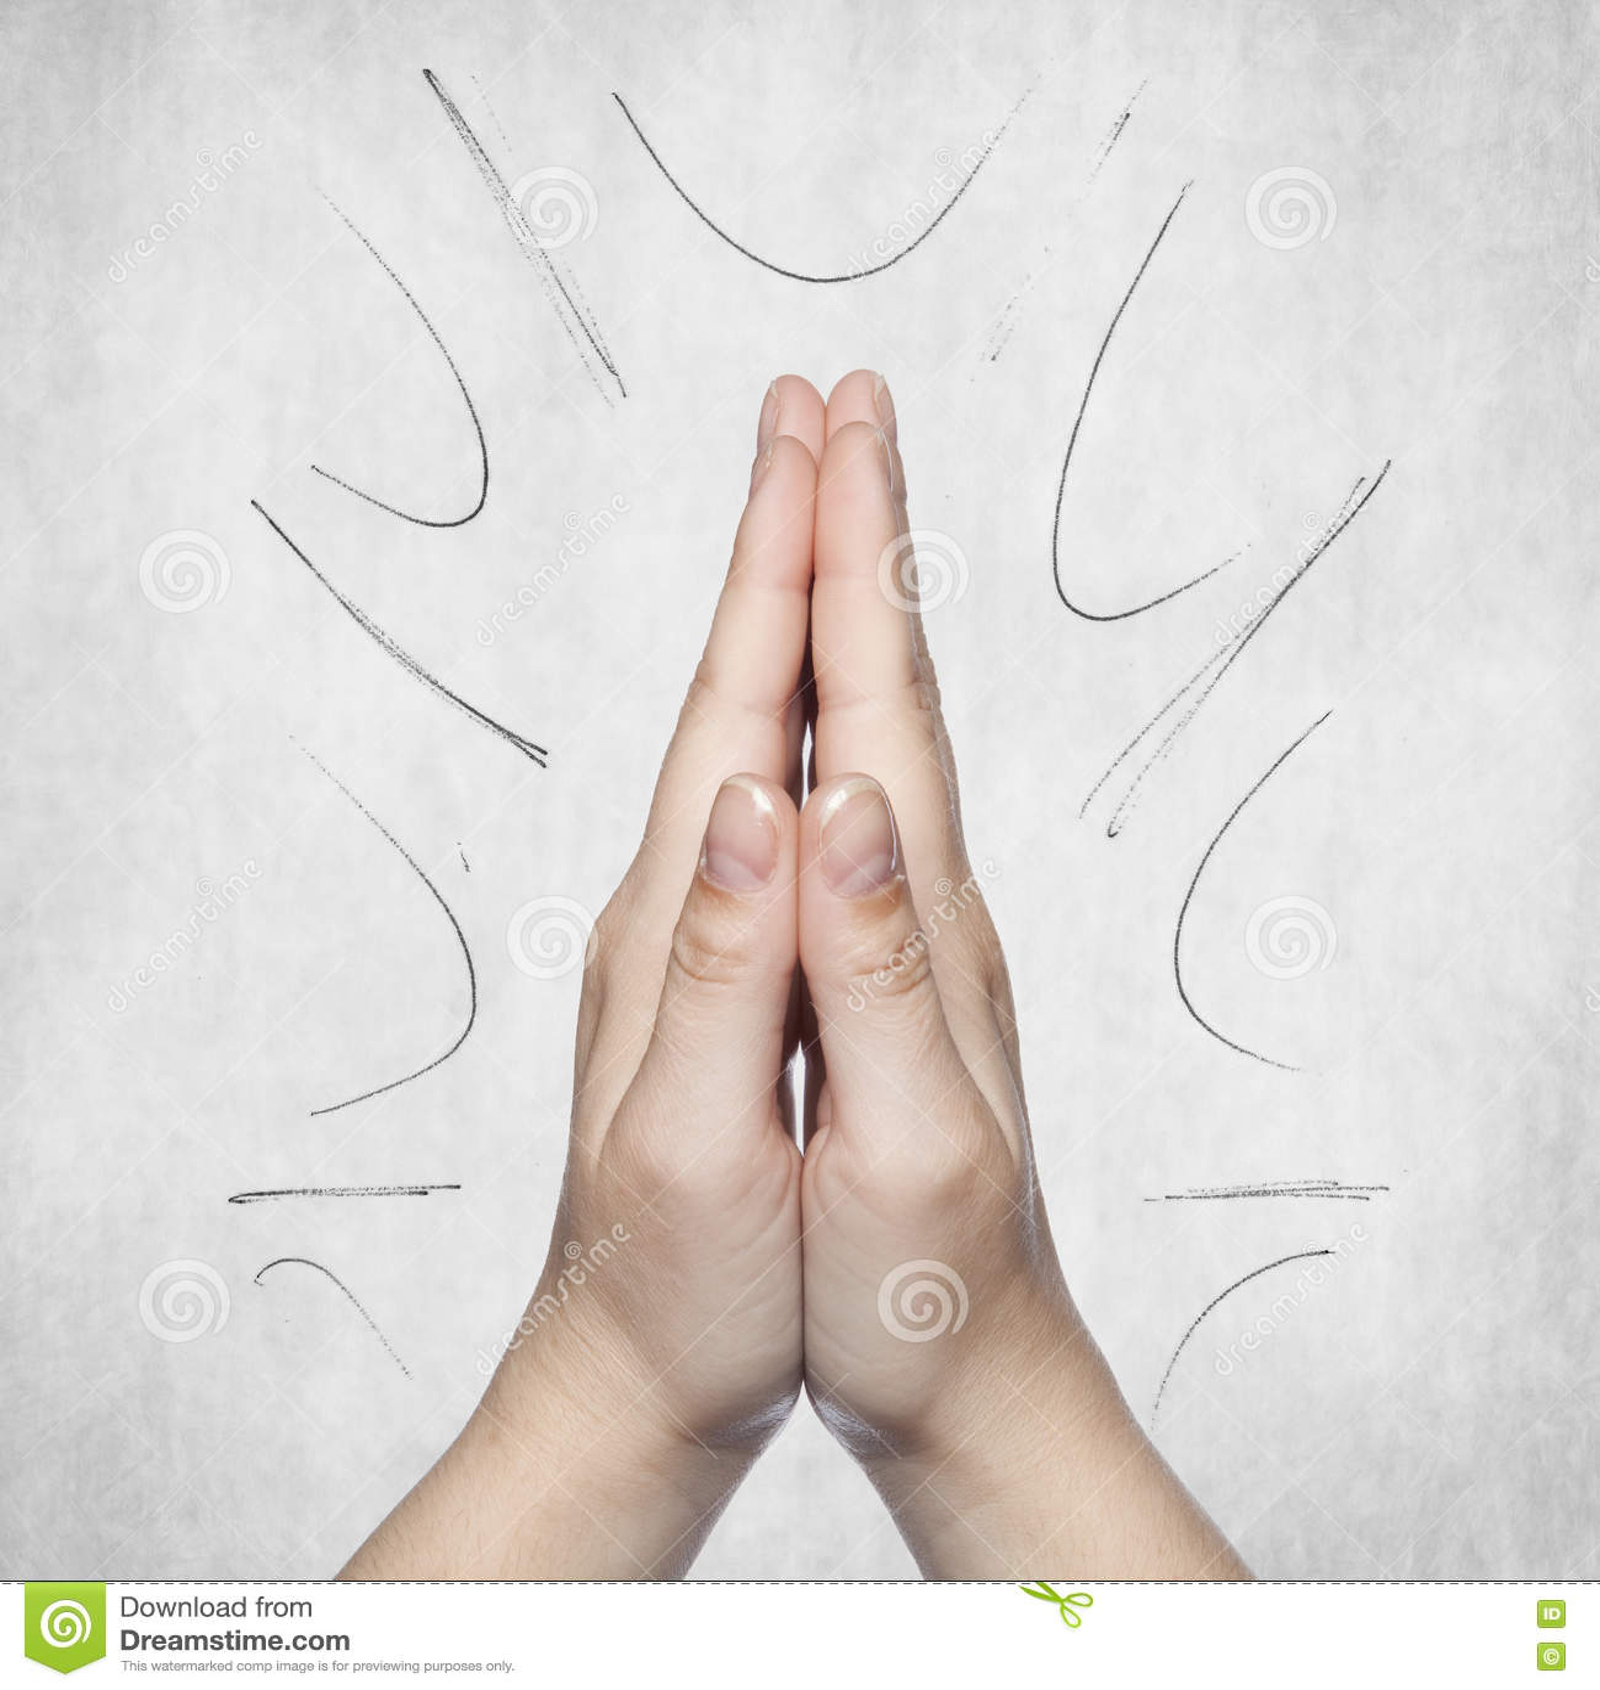 Le mani hanno piegato nella benedizione, fondo grigio, spazio della copia